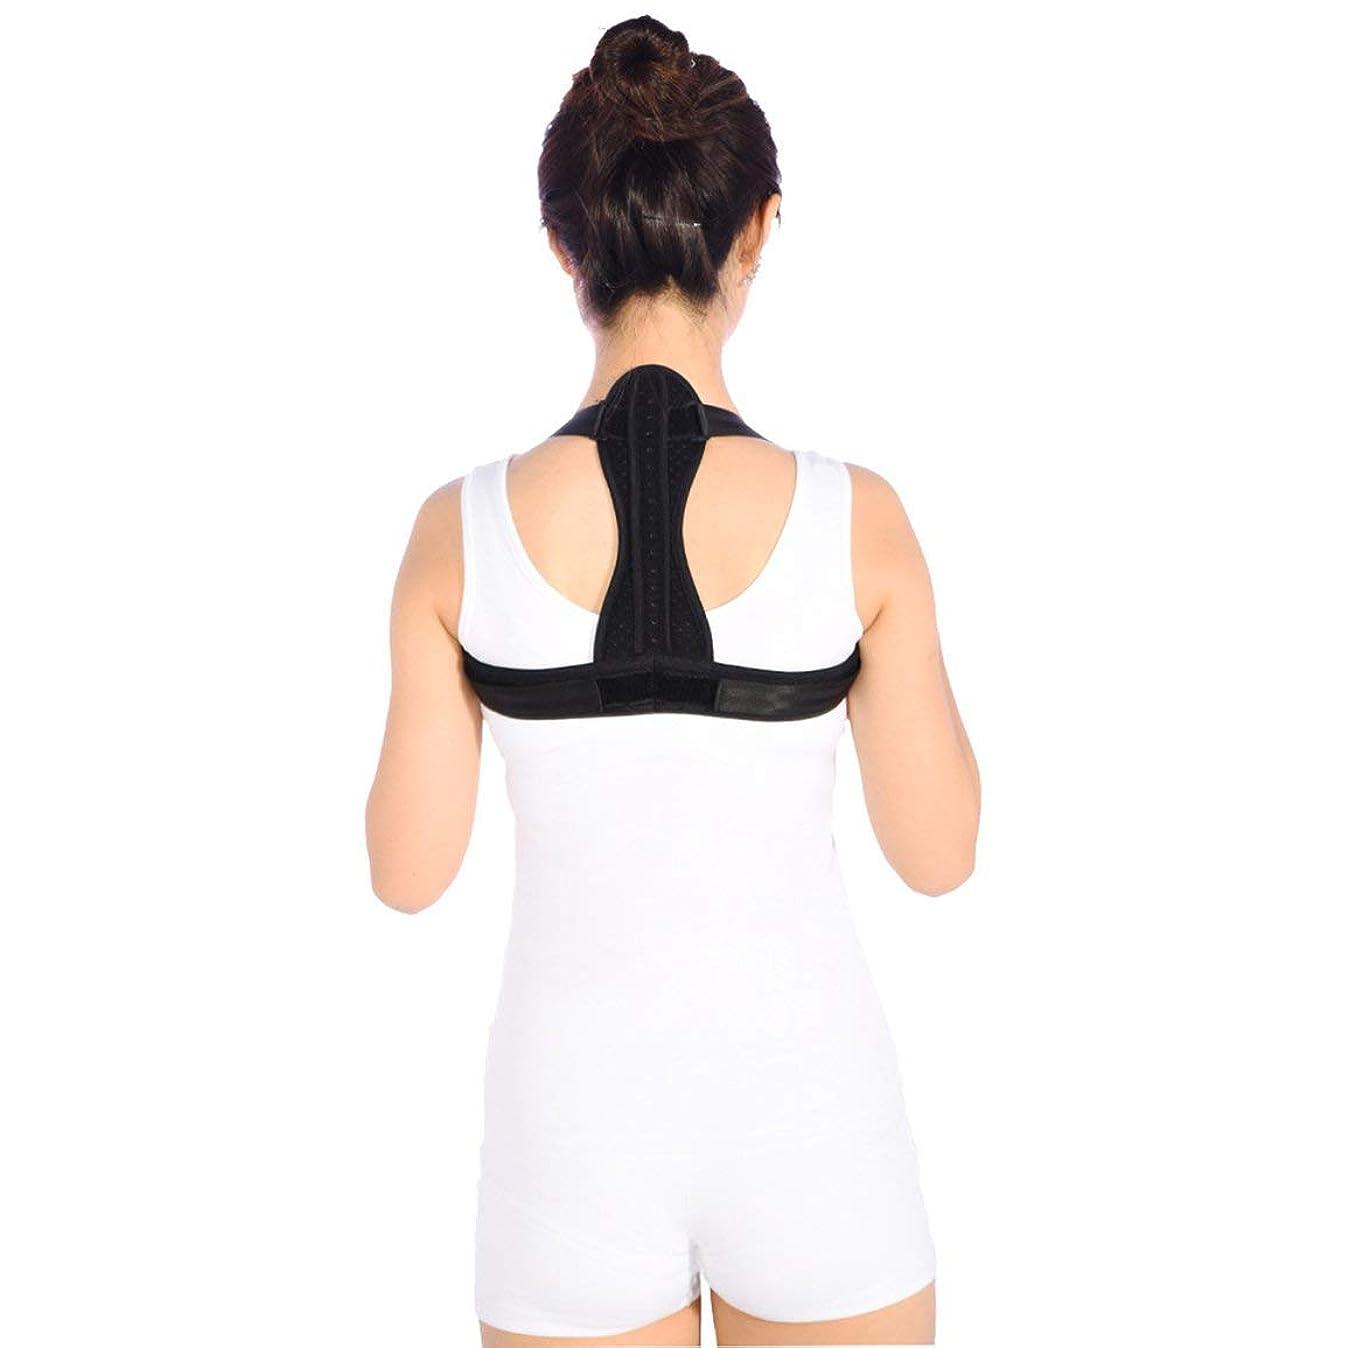 保安ちょうつがいクロス通気性の脊柱側弯症ザトウクジラ補正ベルト調節可能な快適さ目に見えないベルト男性女性大人学生子供 - 黒